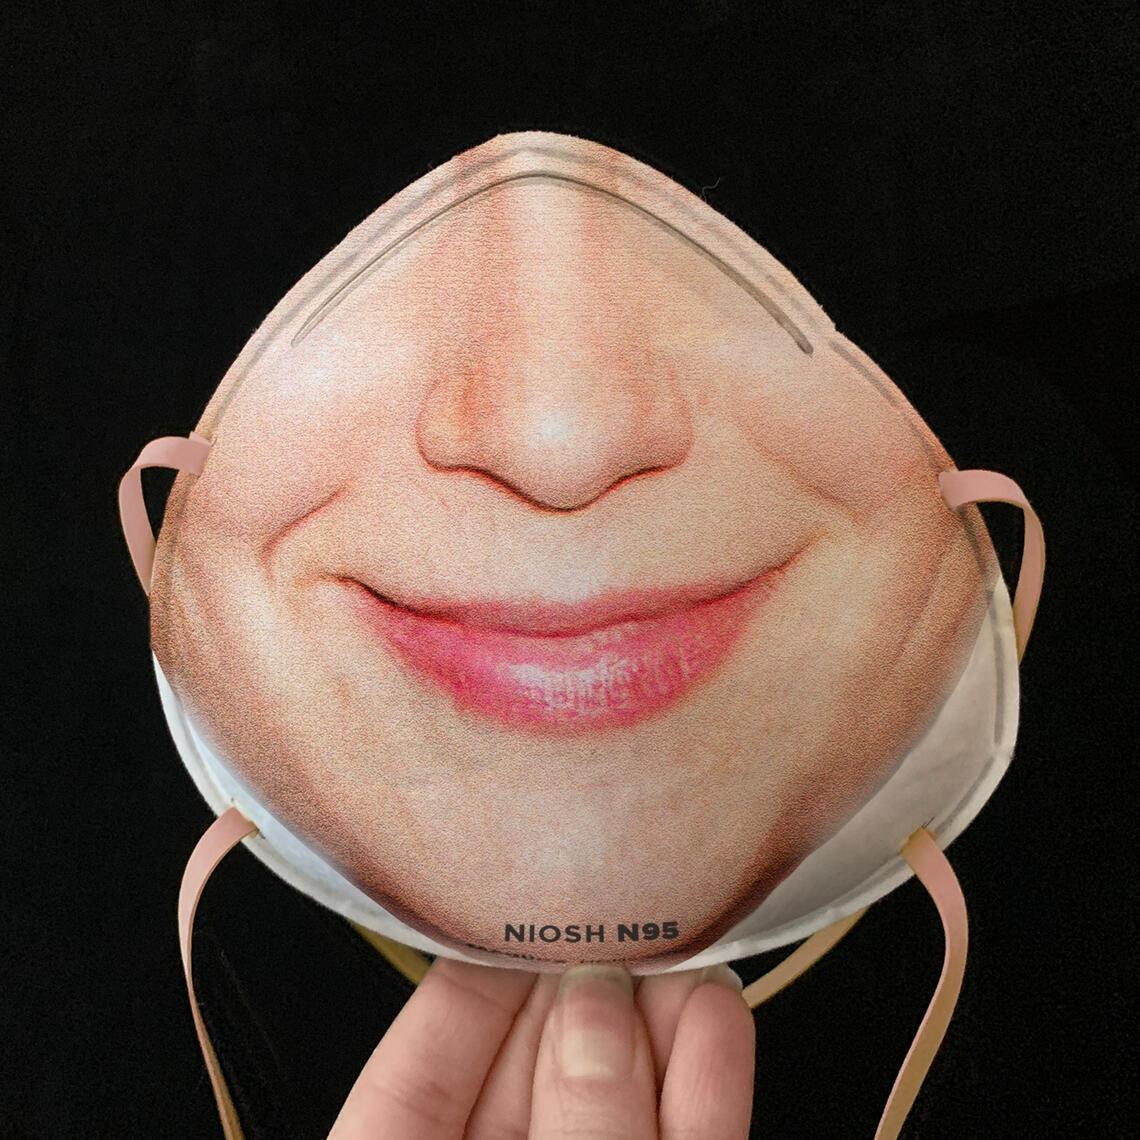 Дизайнер придумала оригинальные маски от коронавируса. Фото